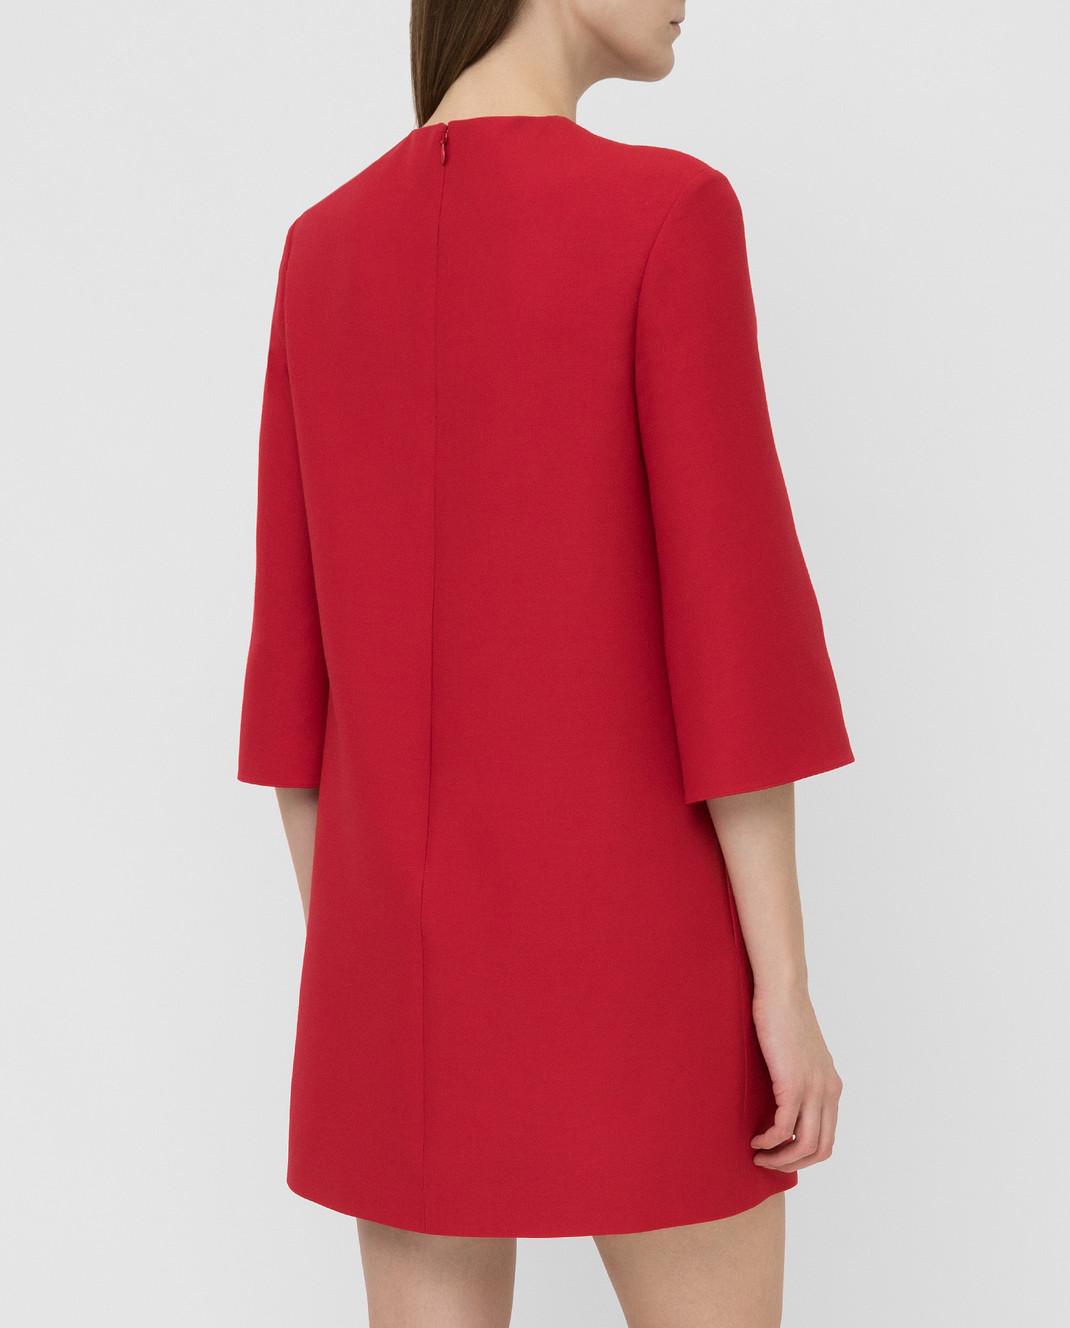 Valentino Красное платье из шерсти и шелка SB0VAPN0360 изображение 4